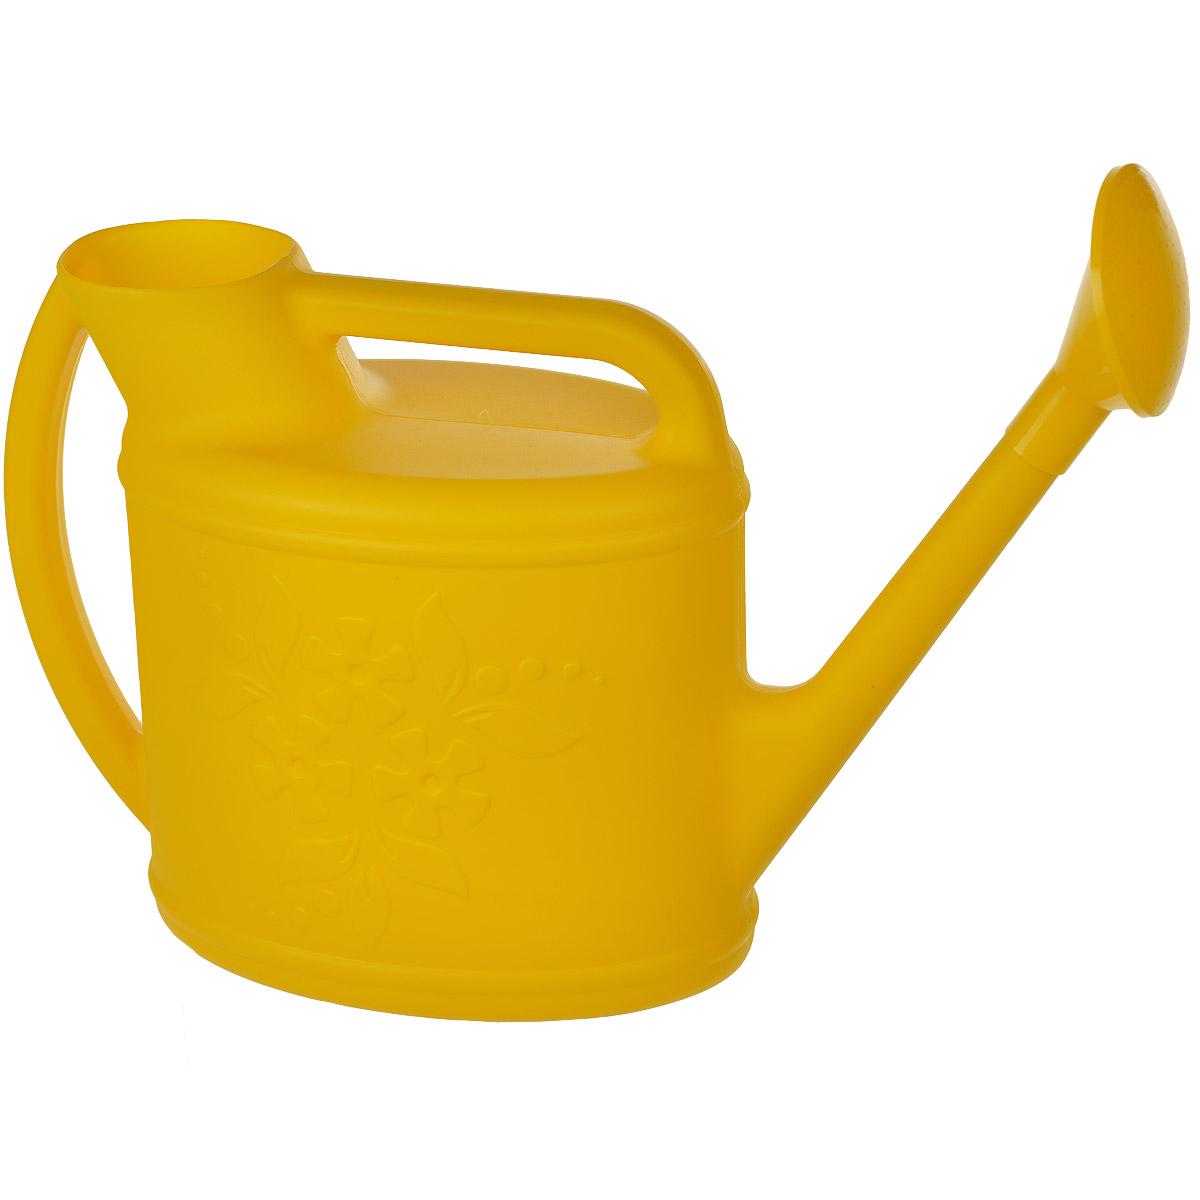 Лейка Альтернатива Премьера, с рассеивателем, цвет: желтый, 10 лM1628Садовая лейка Альтернатива Премьера предназначена для полива насаждений на приусадебном участке. Она выполнена из пластика и имеет небольшую массу, что позволяет экономить силы при поливе. Удобство в использовании также обеспечивается за счет эргономичной ручки лейки. Выпуклая насадка позволяет производить равномерный полив, не прибивая растения.